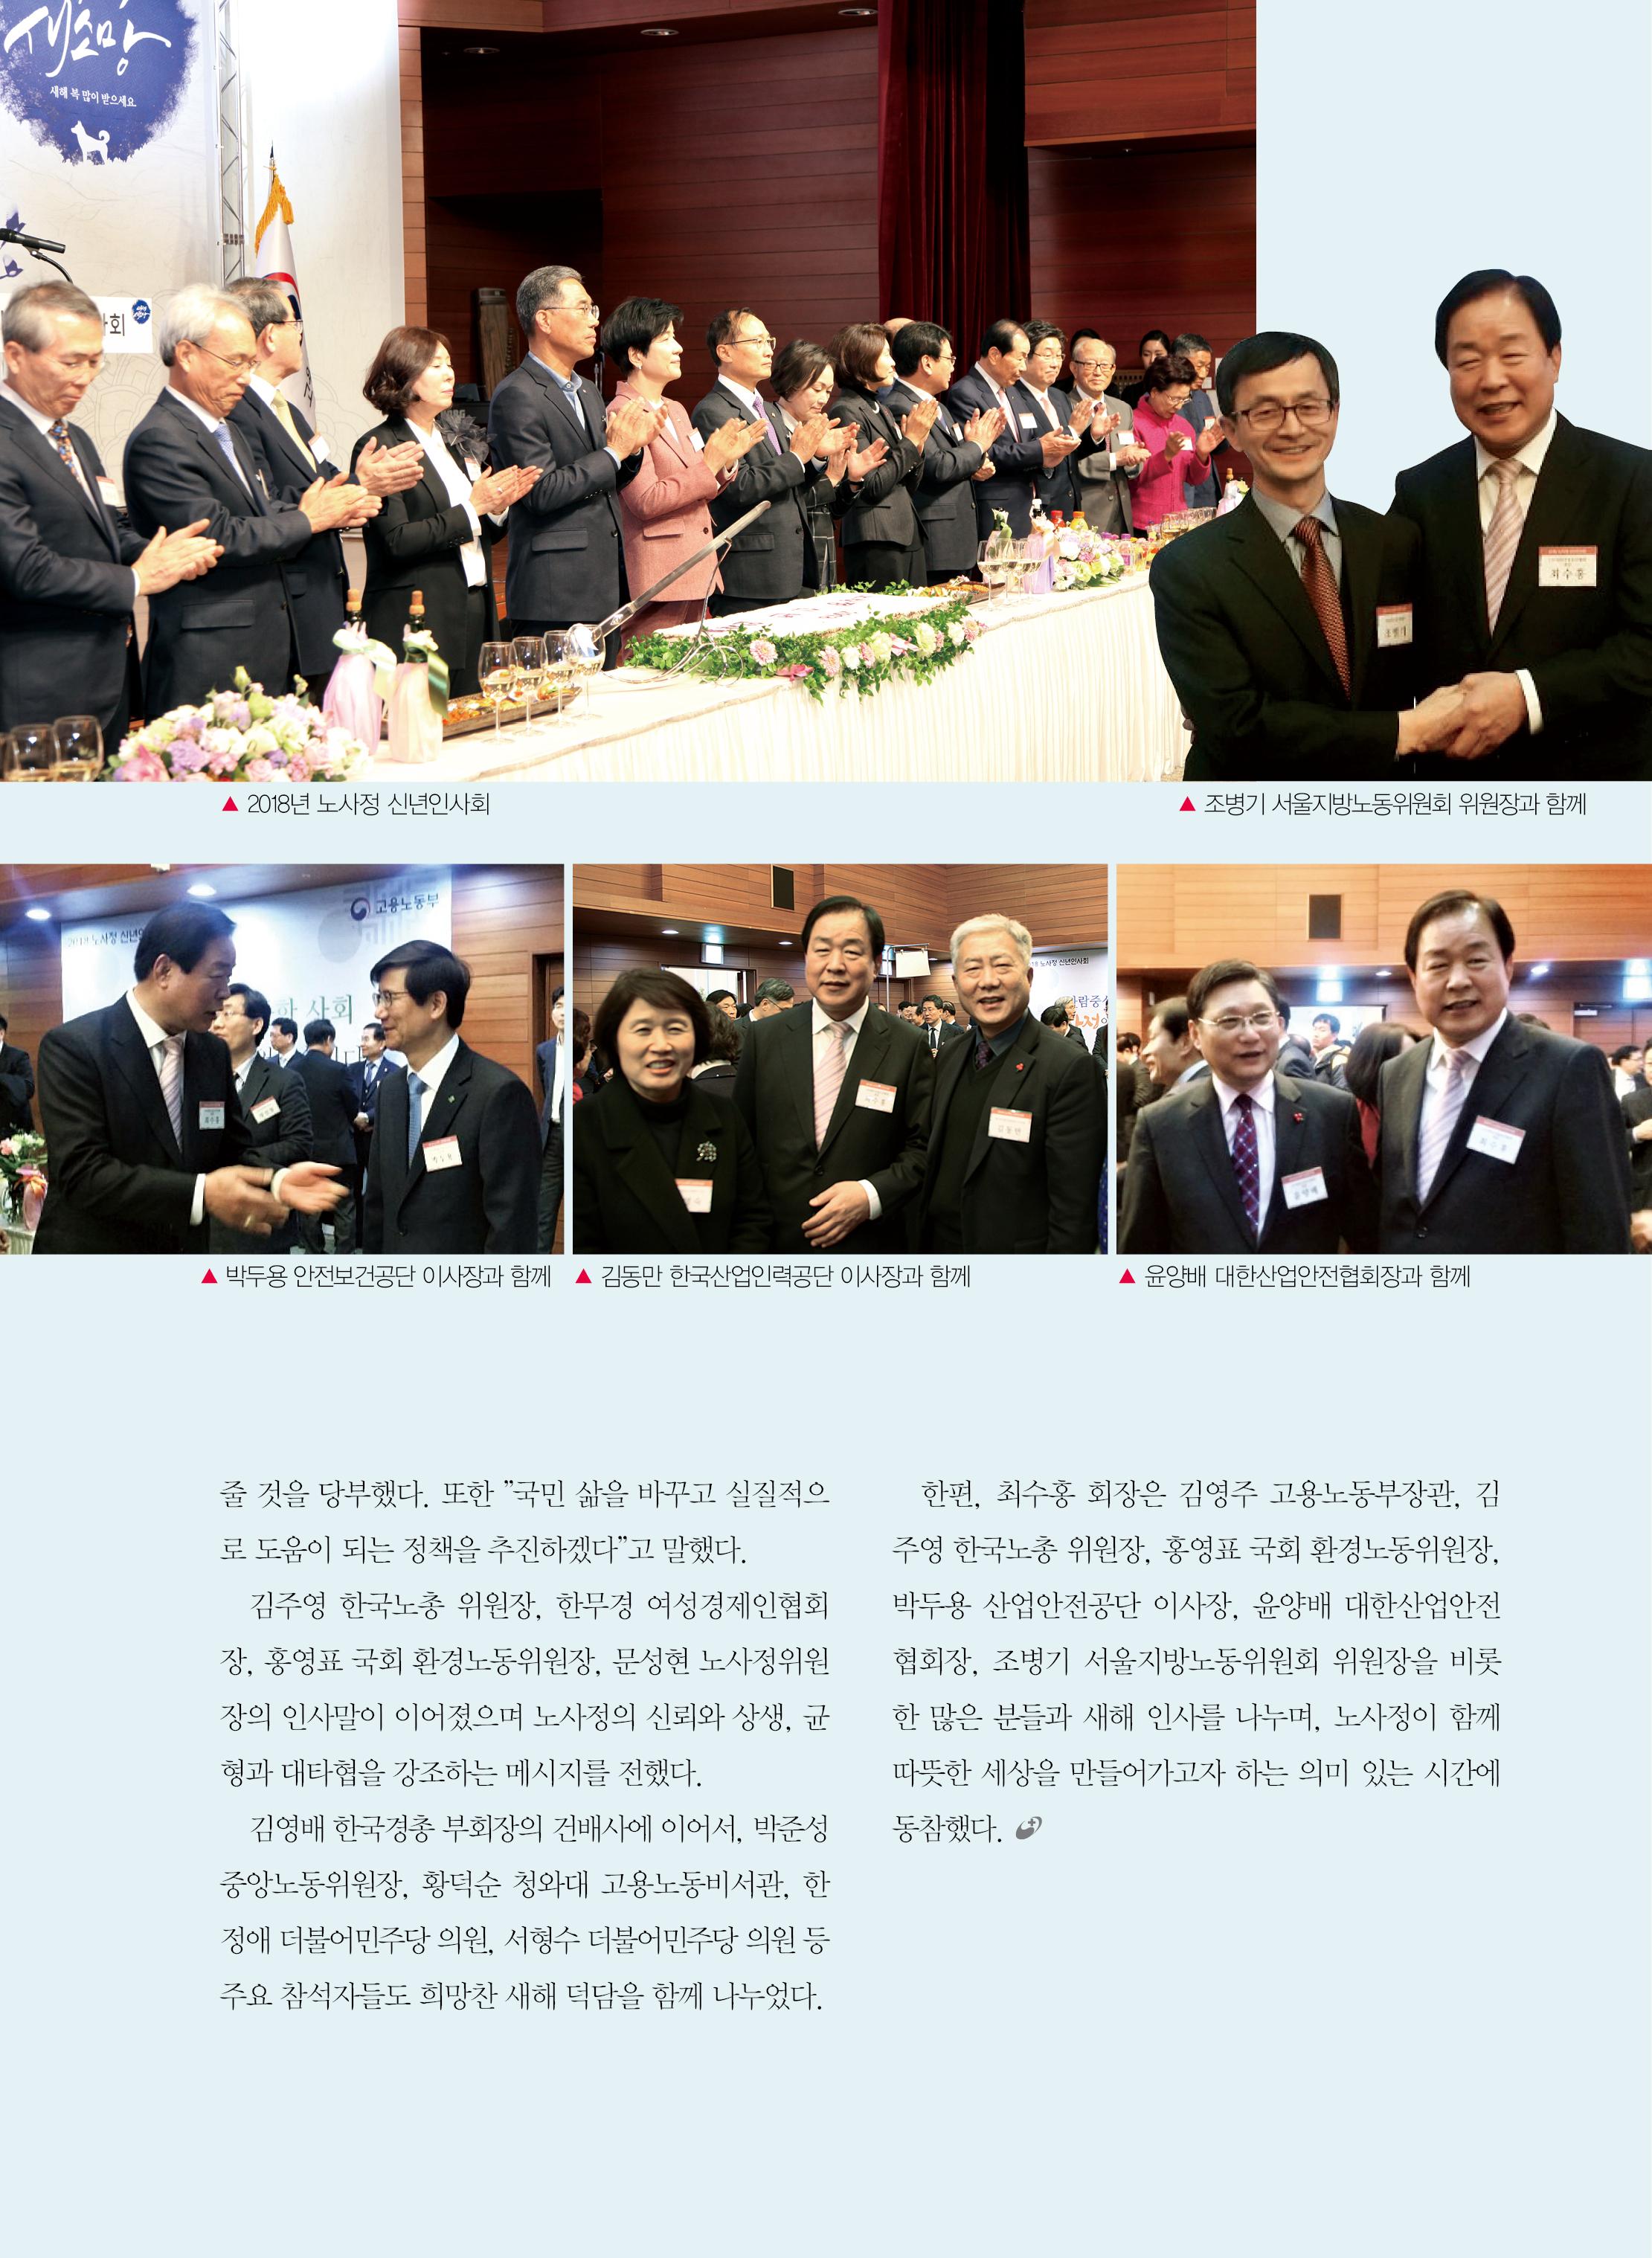 고용노동부 신년회 소식_3차 2